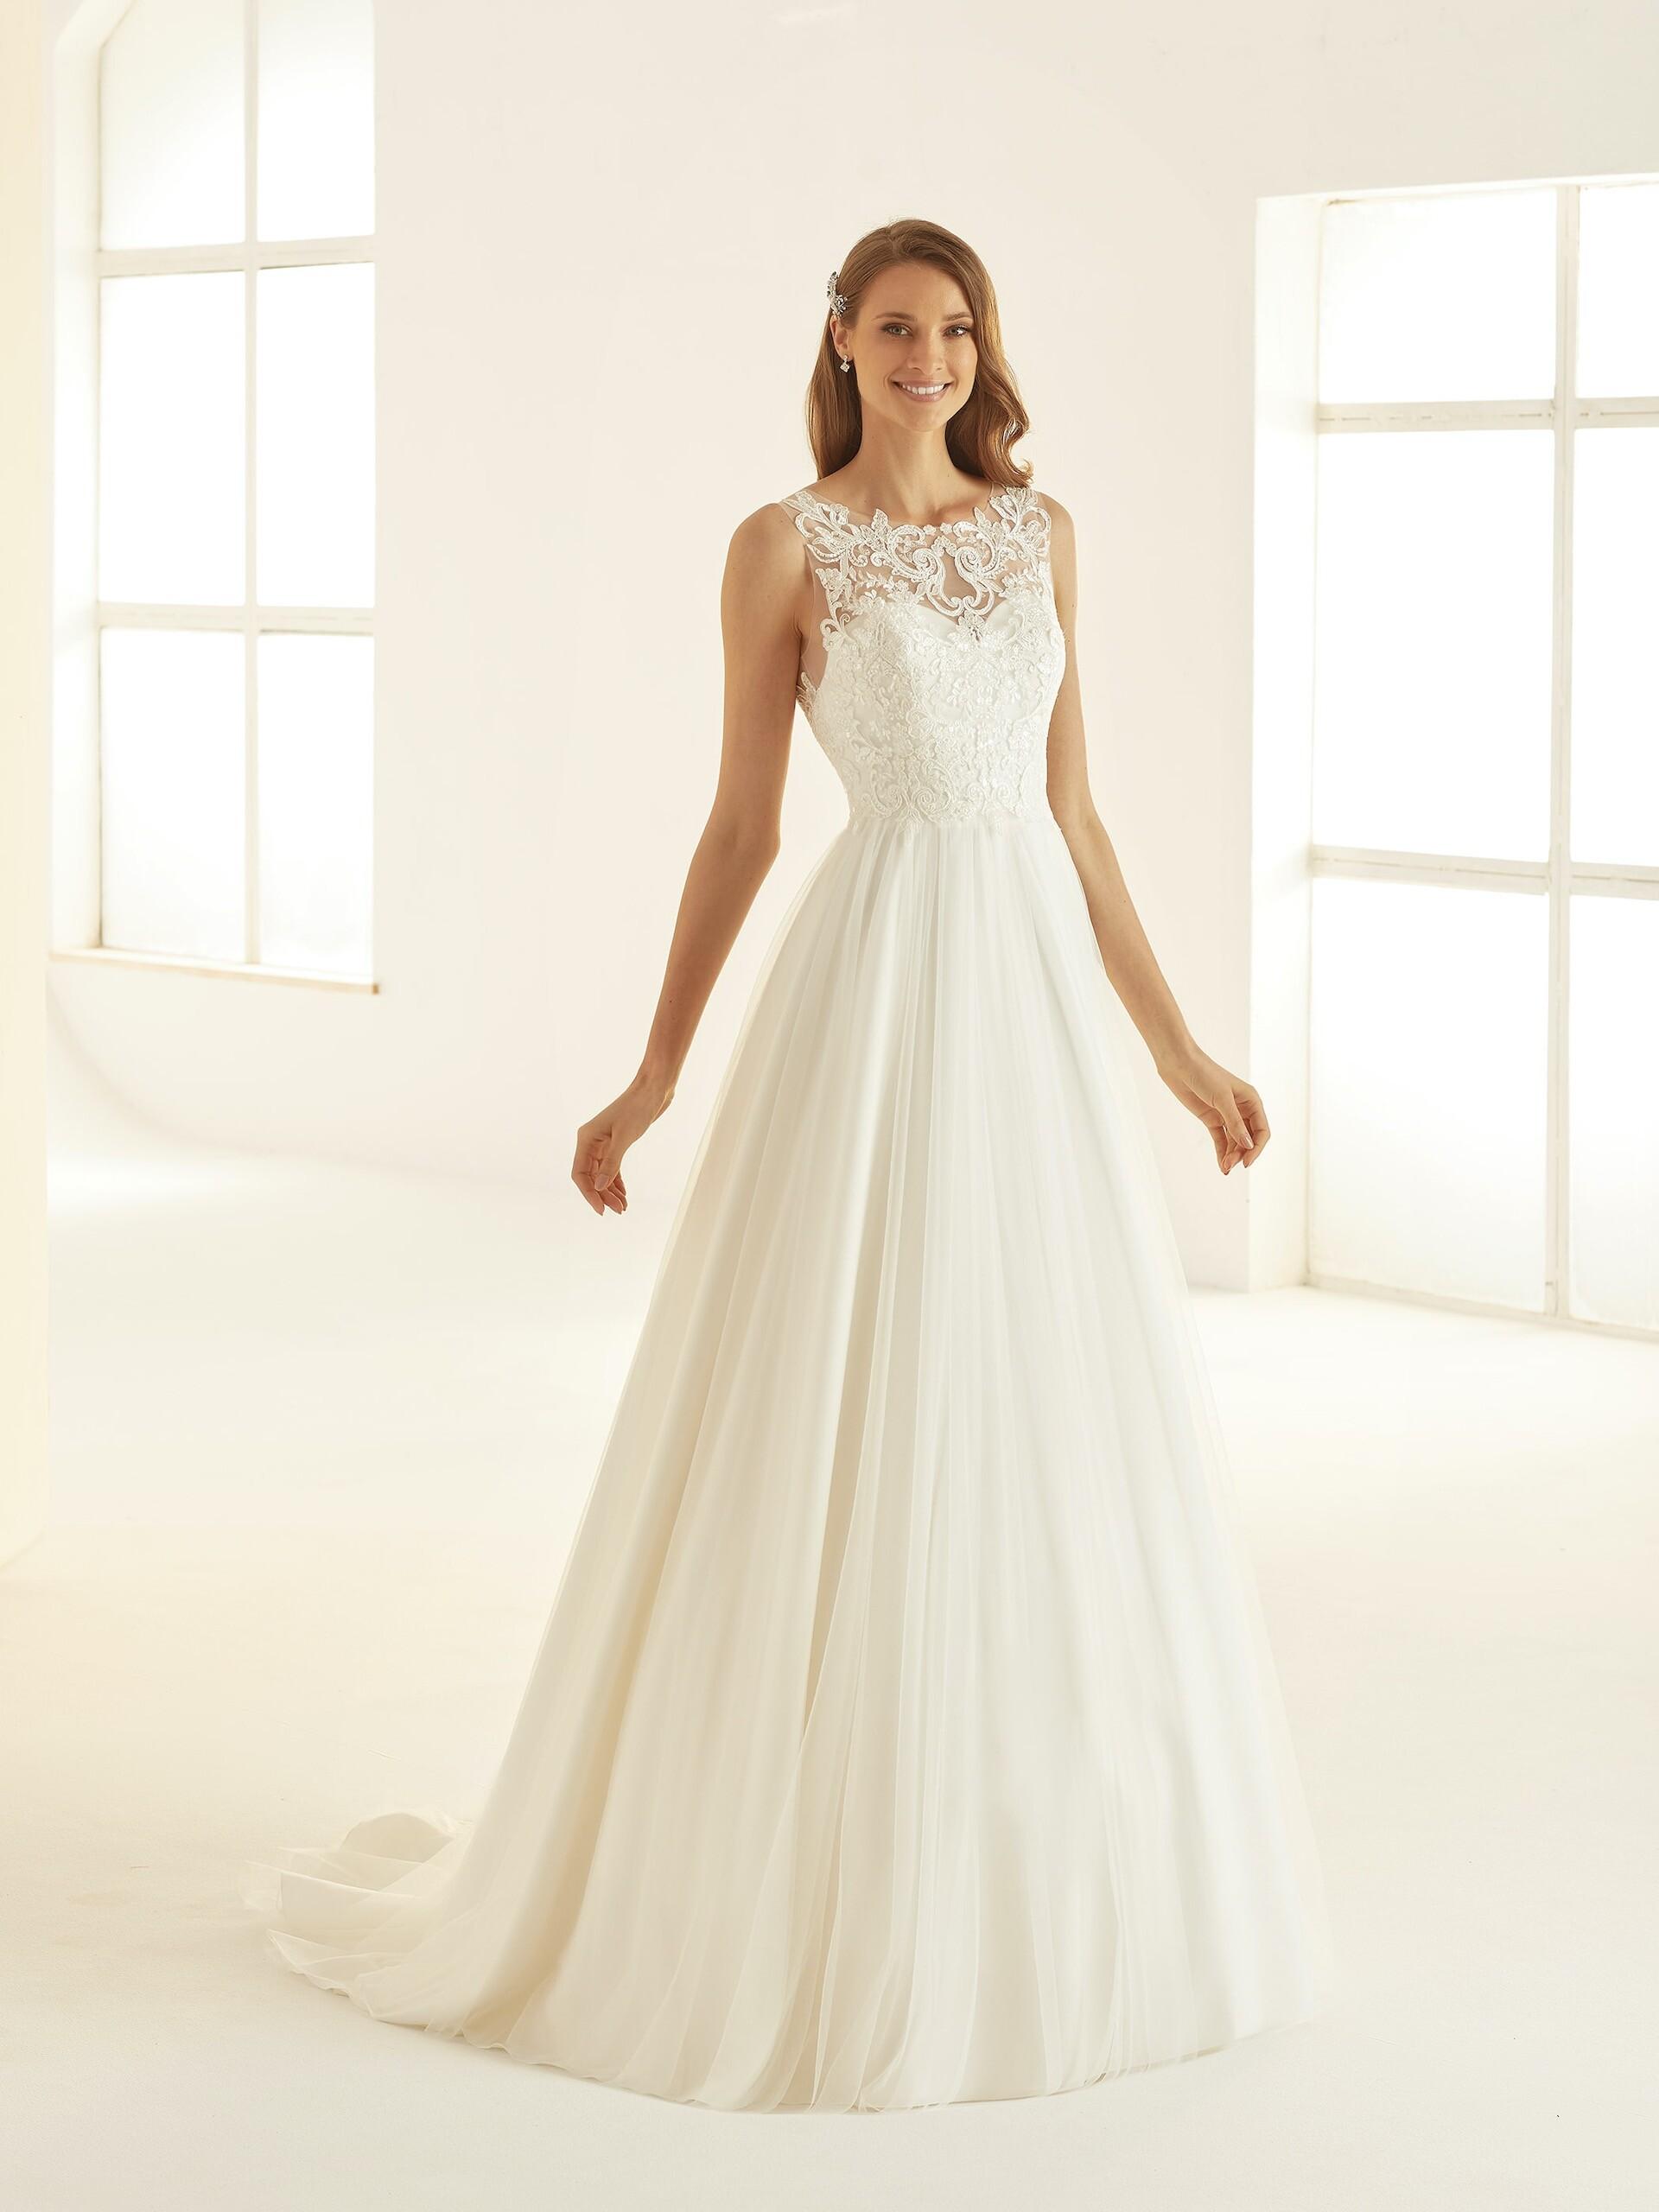 Hochzeitskleid im Prinzessstil mit Tüllrock und Sptzentop von Bianco Evento, Modell Atessa